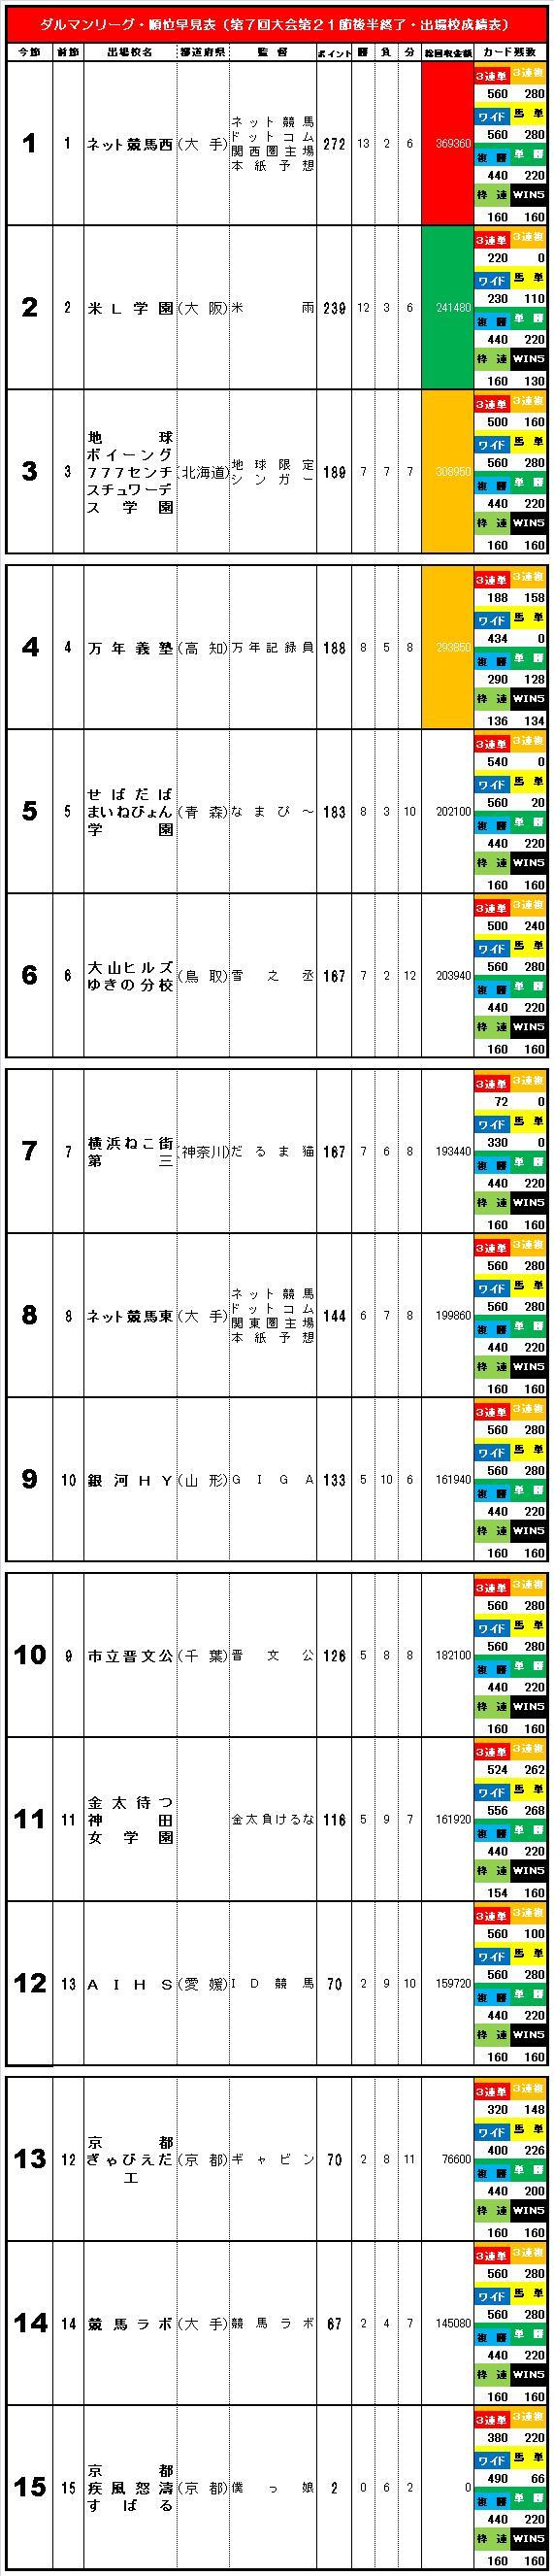 20160412・ダルマンリーグ第21節後半終了順位早見表簡易版⑥.jpg